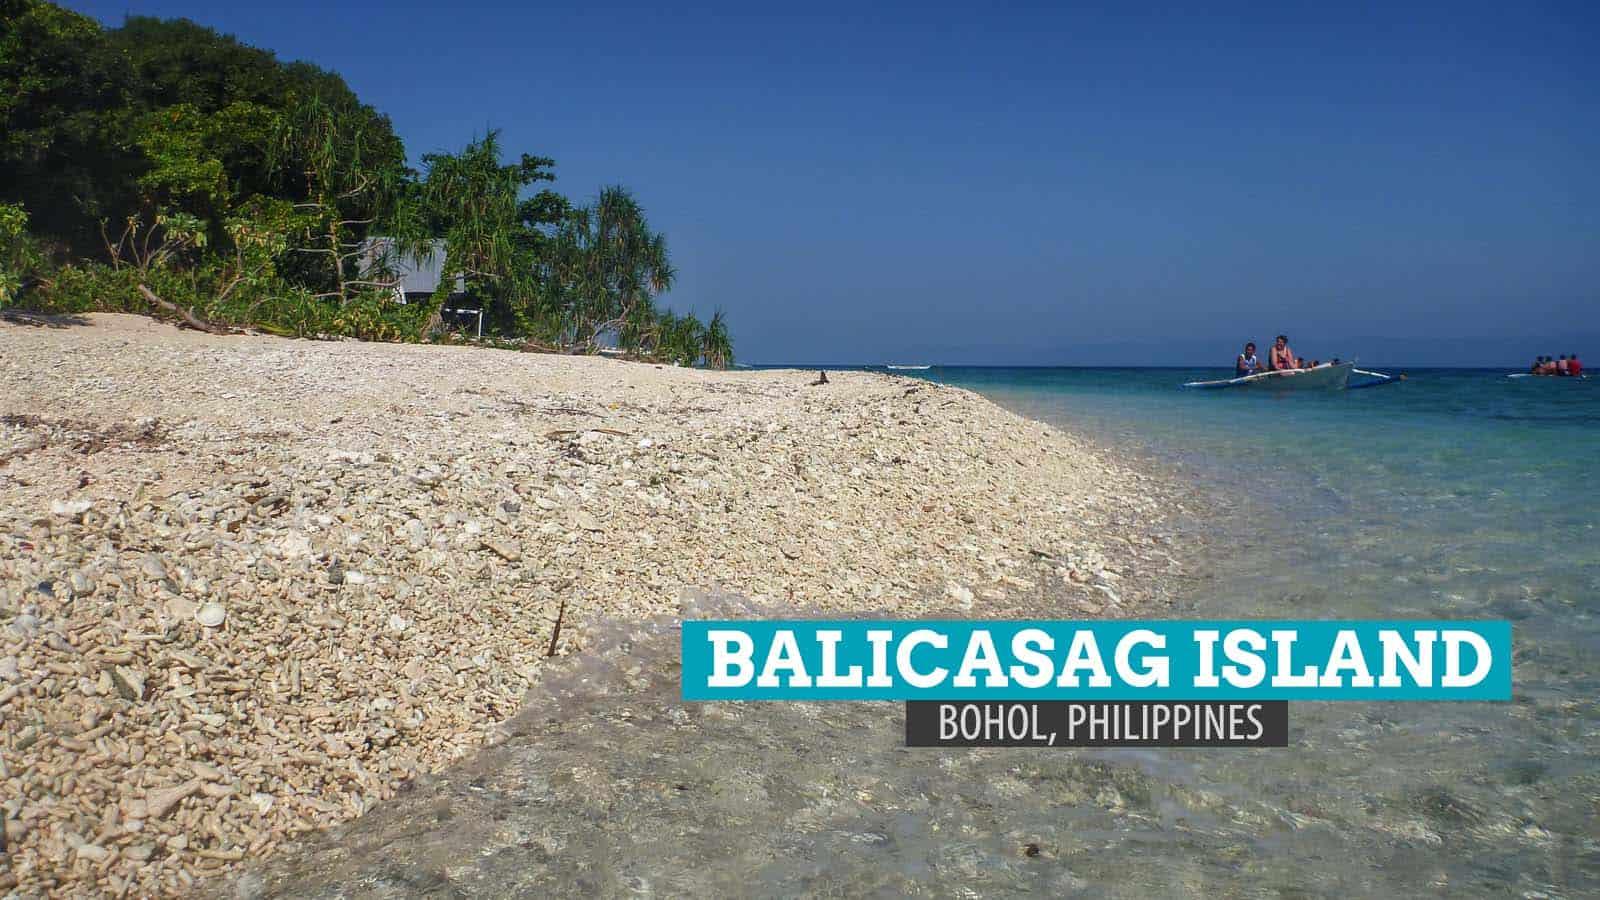 巴利卡萨格岛,波霍尔:扭转局势 | 穷游者行程博客